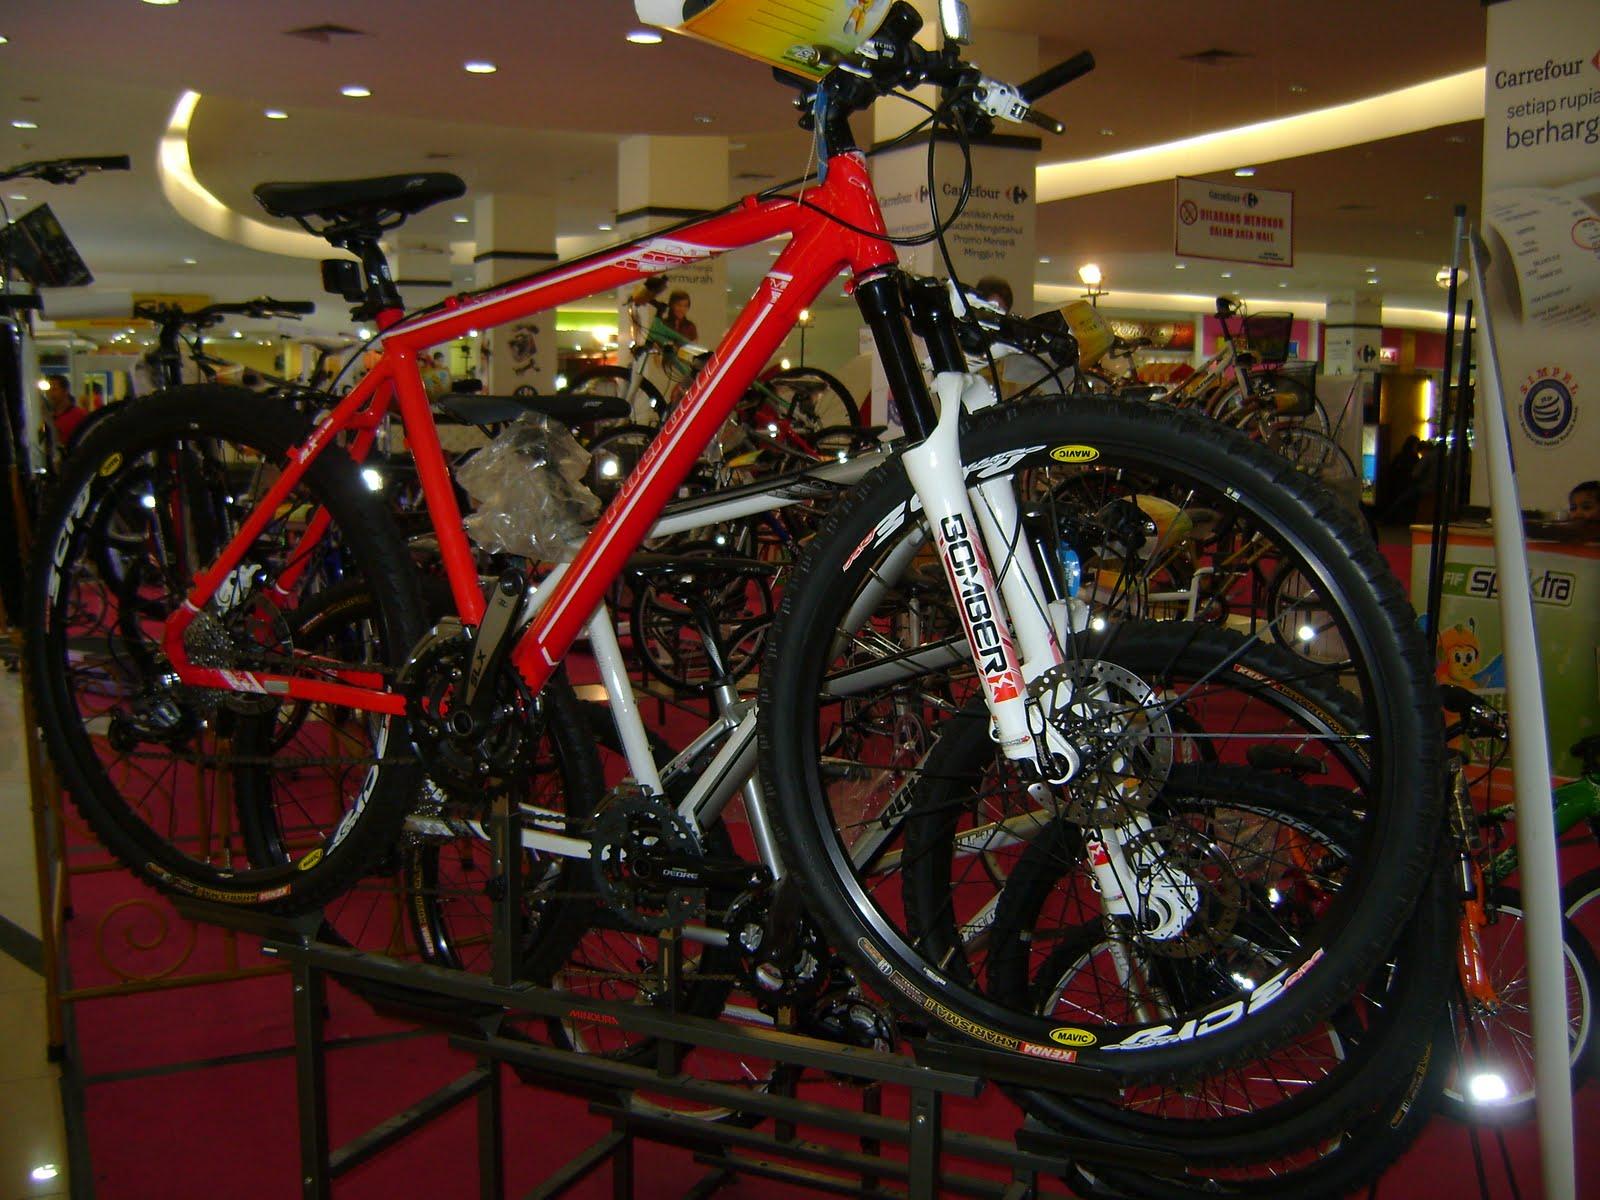 20 Harga Sepeda Gunung Di Carrefour